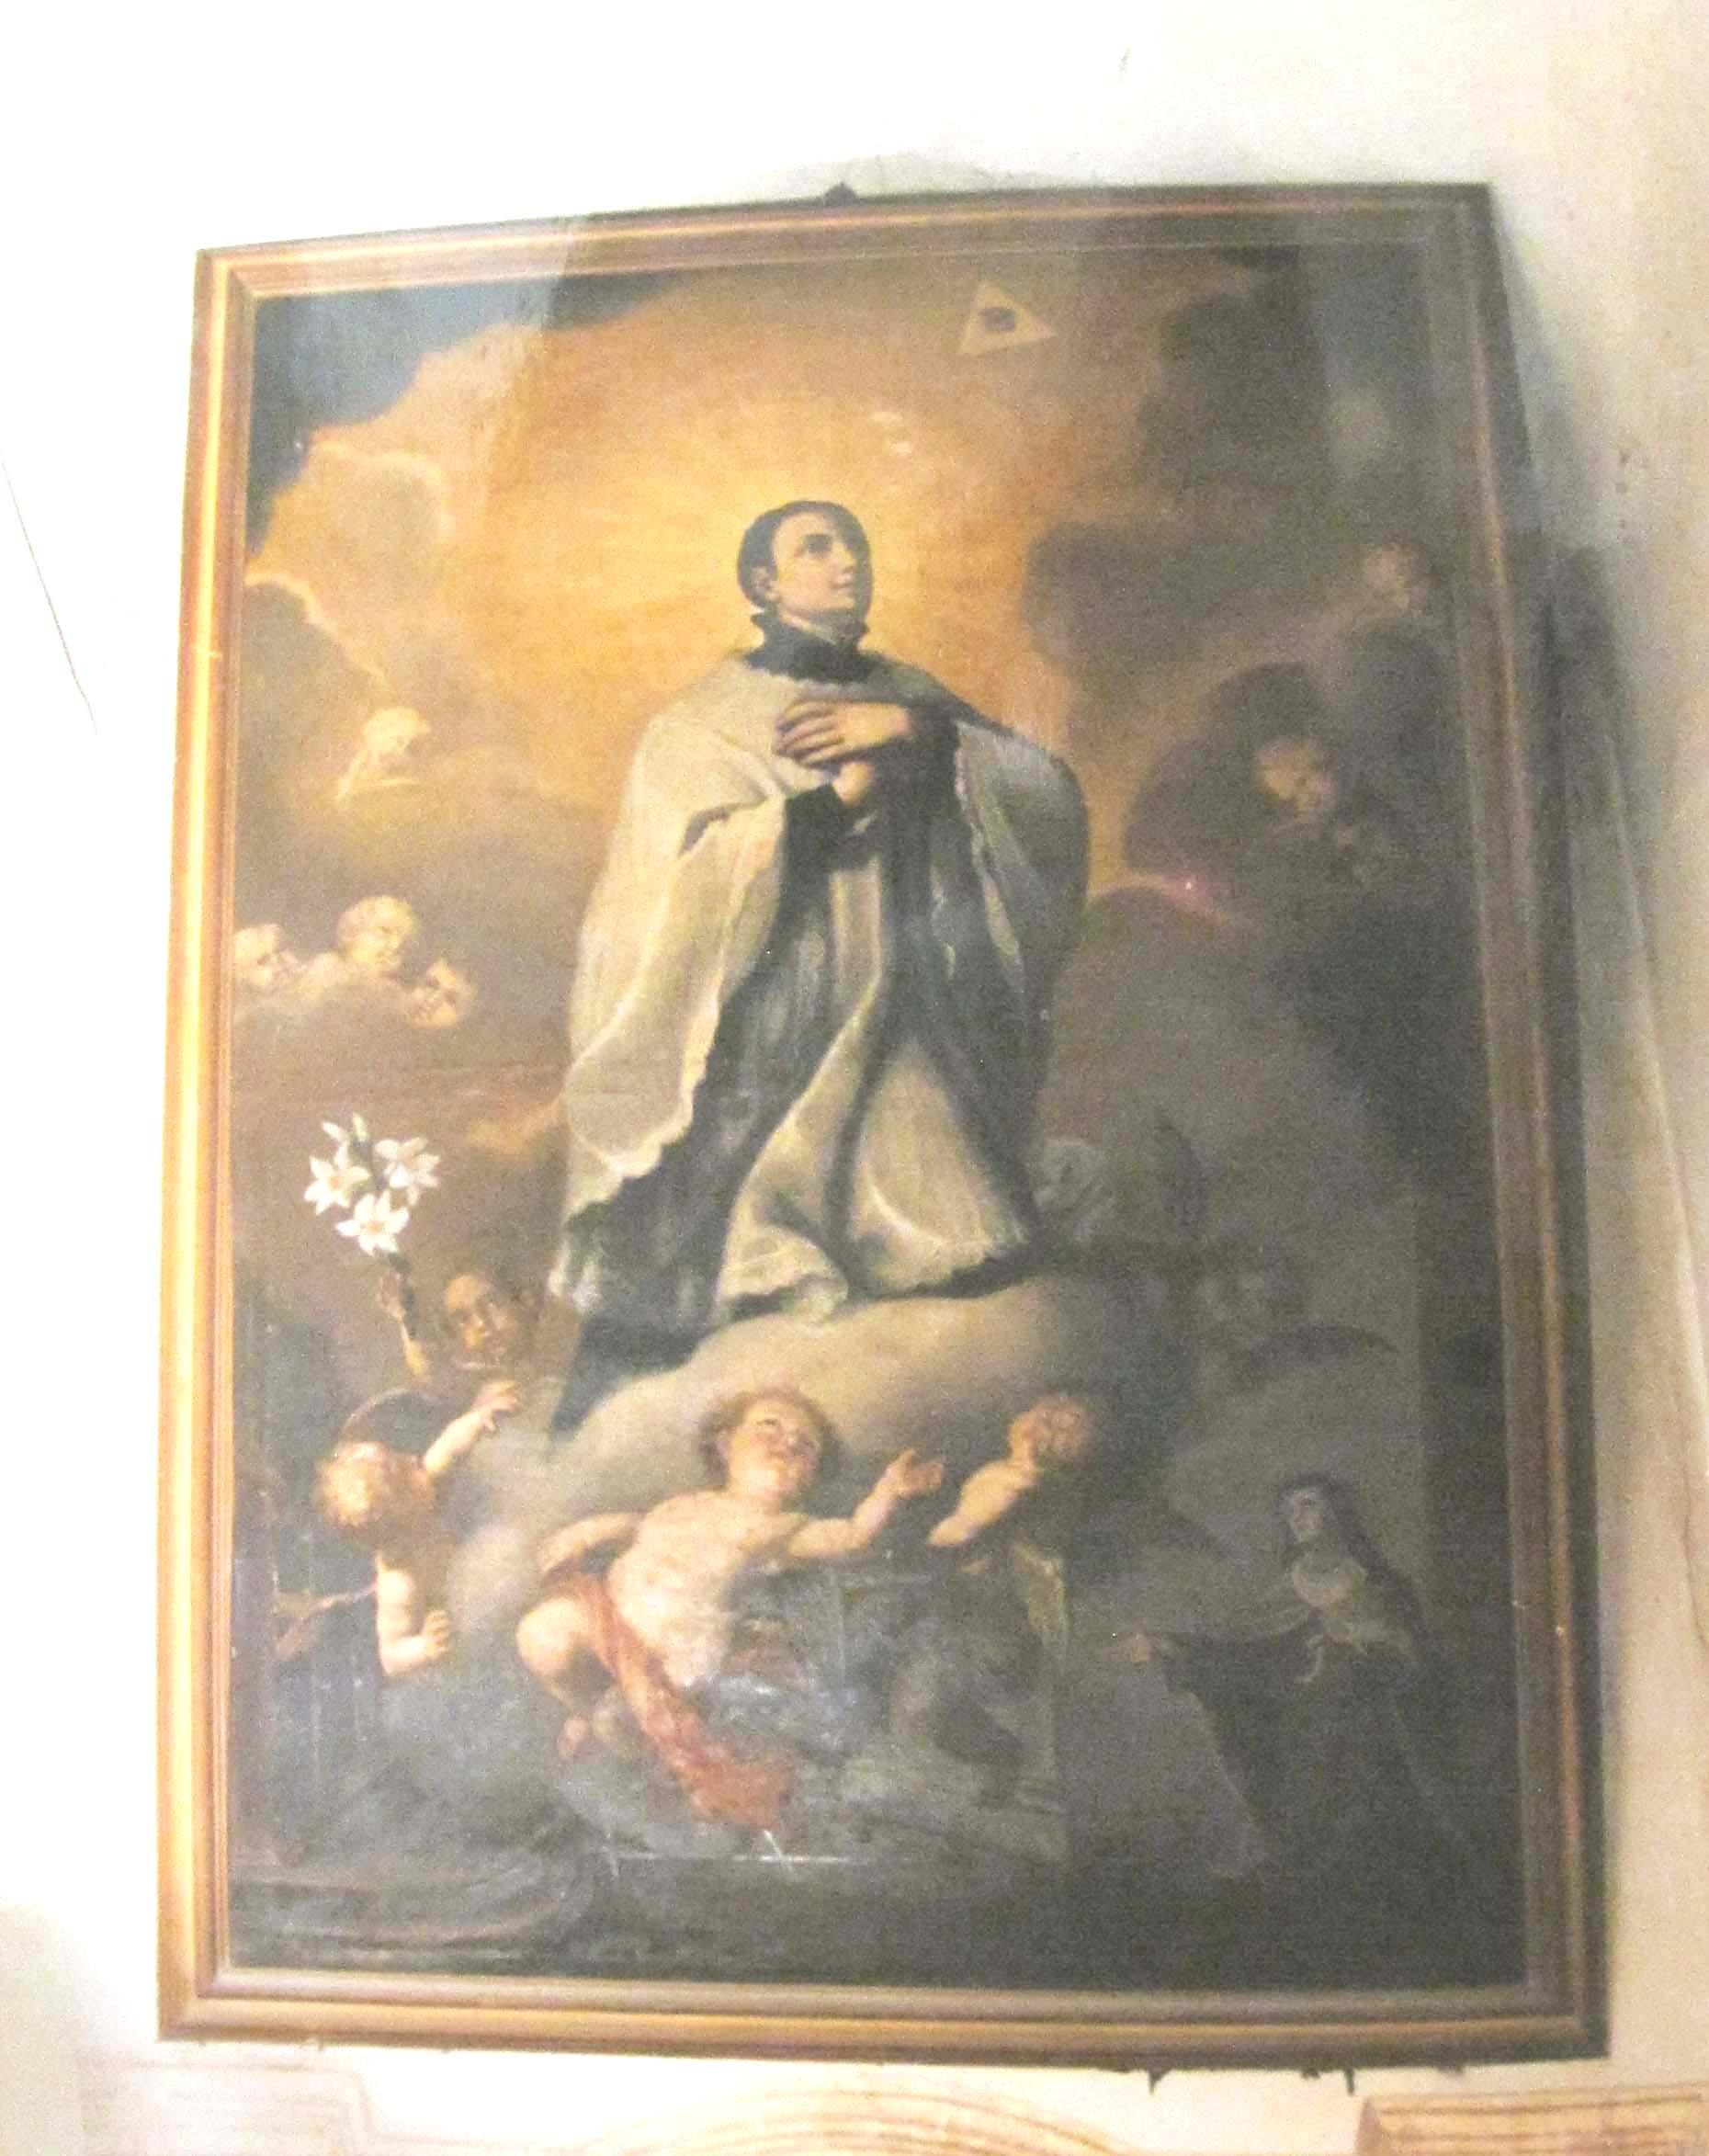 IGNOTO PITTORE PIEMONTESE, San Luigi Gonzaga in gloria appare a Santa Maria Maddalena de' Pazzi (prima metà del sec. XIX).